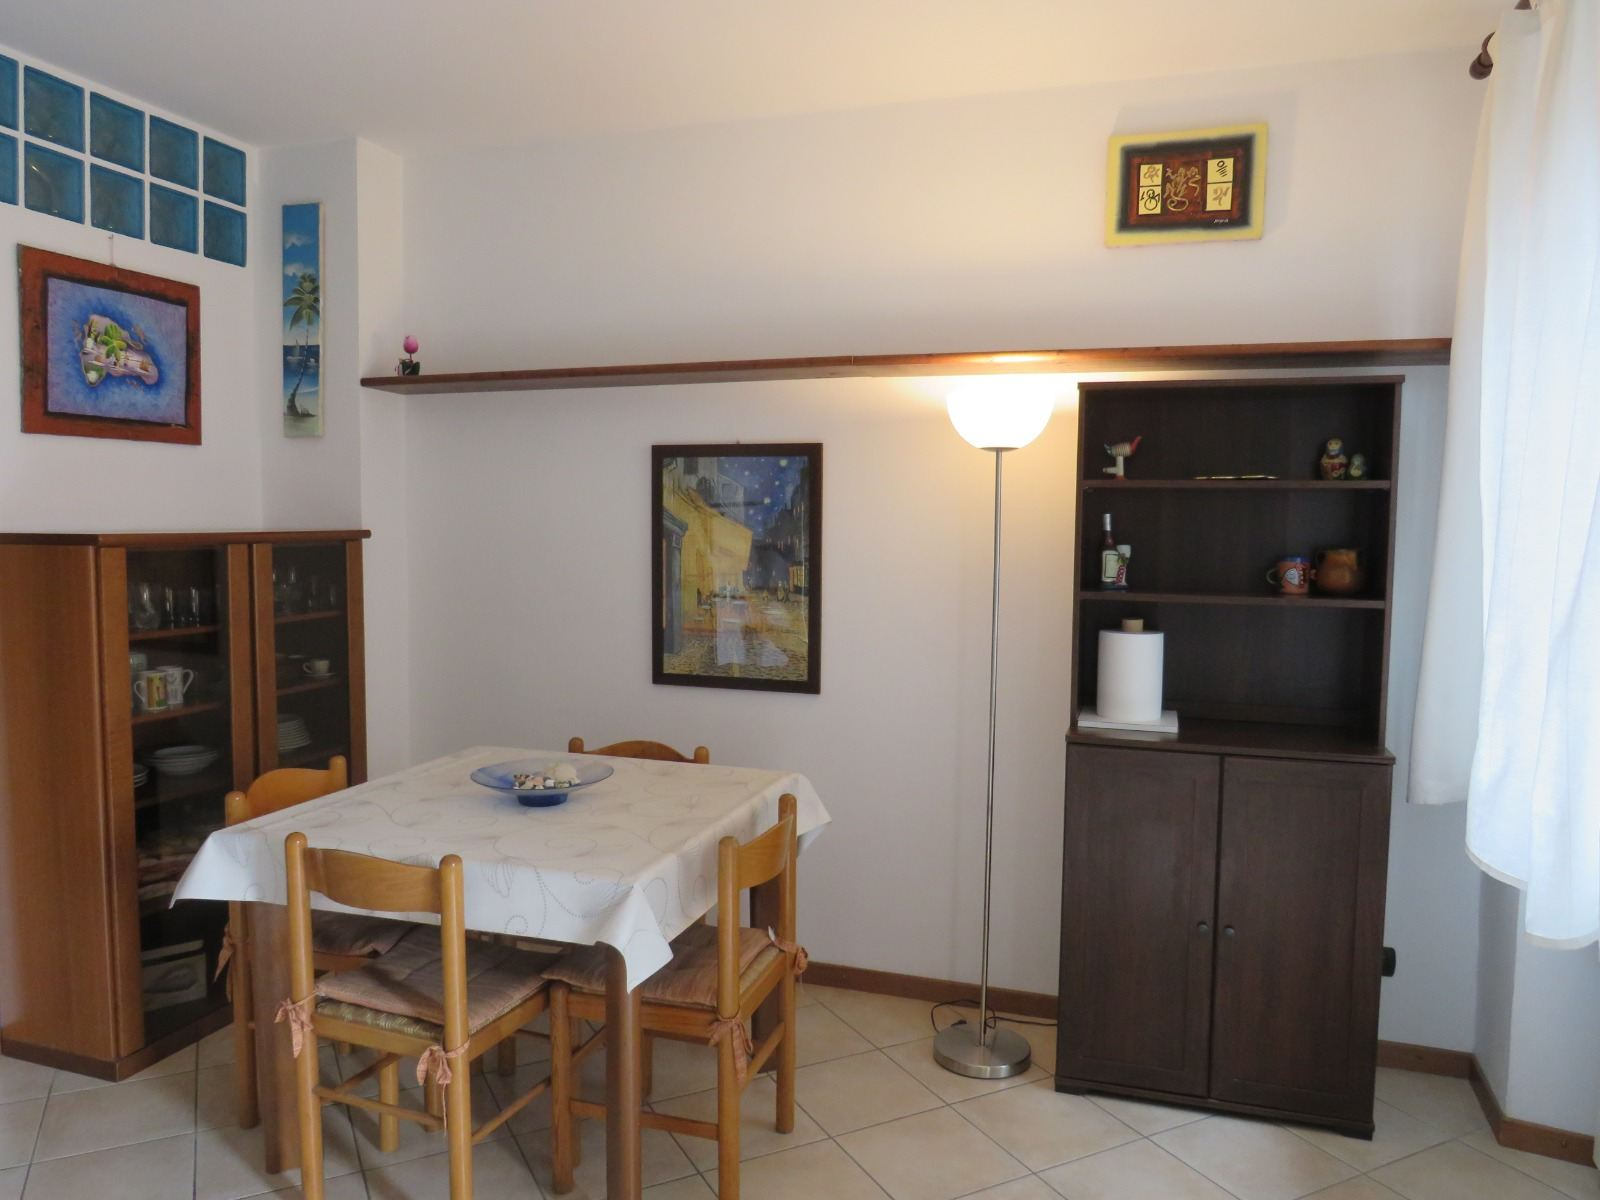 appartamento-in-vendita-a-rho-spaziourbano-immobiliare-vende-2-locali-bilocale-milano-fiera-4